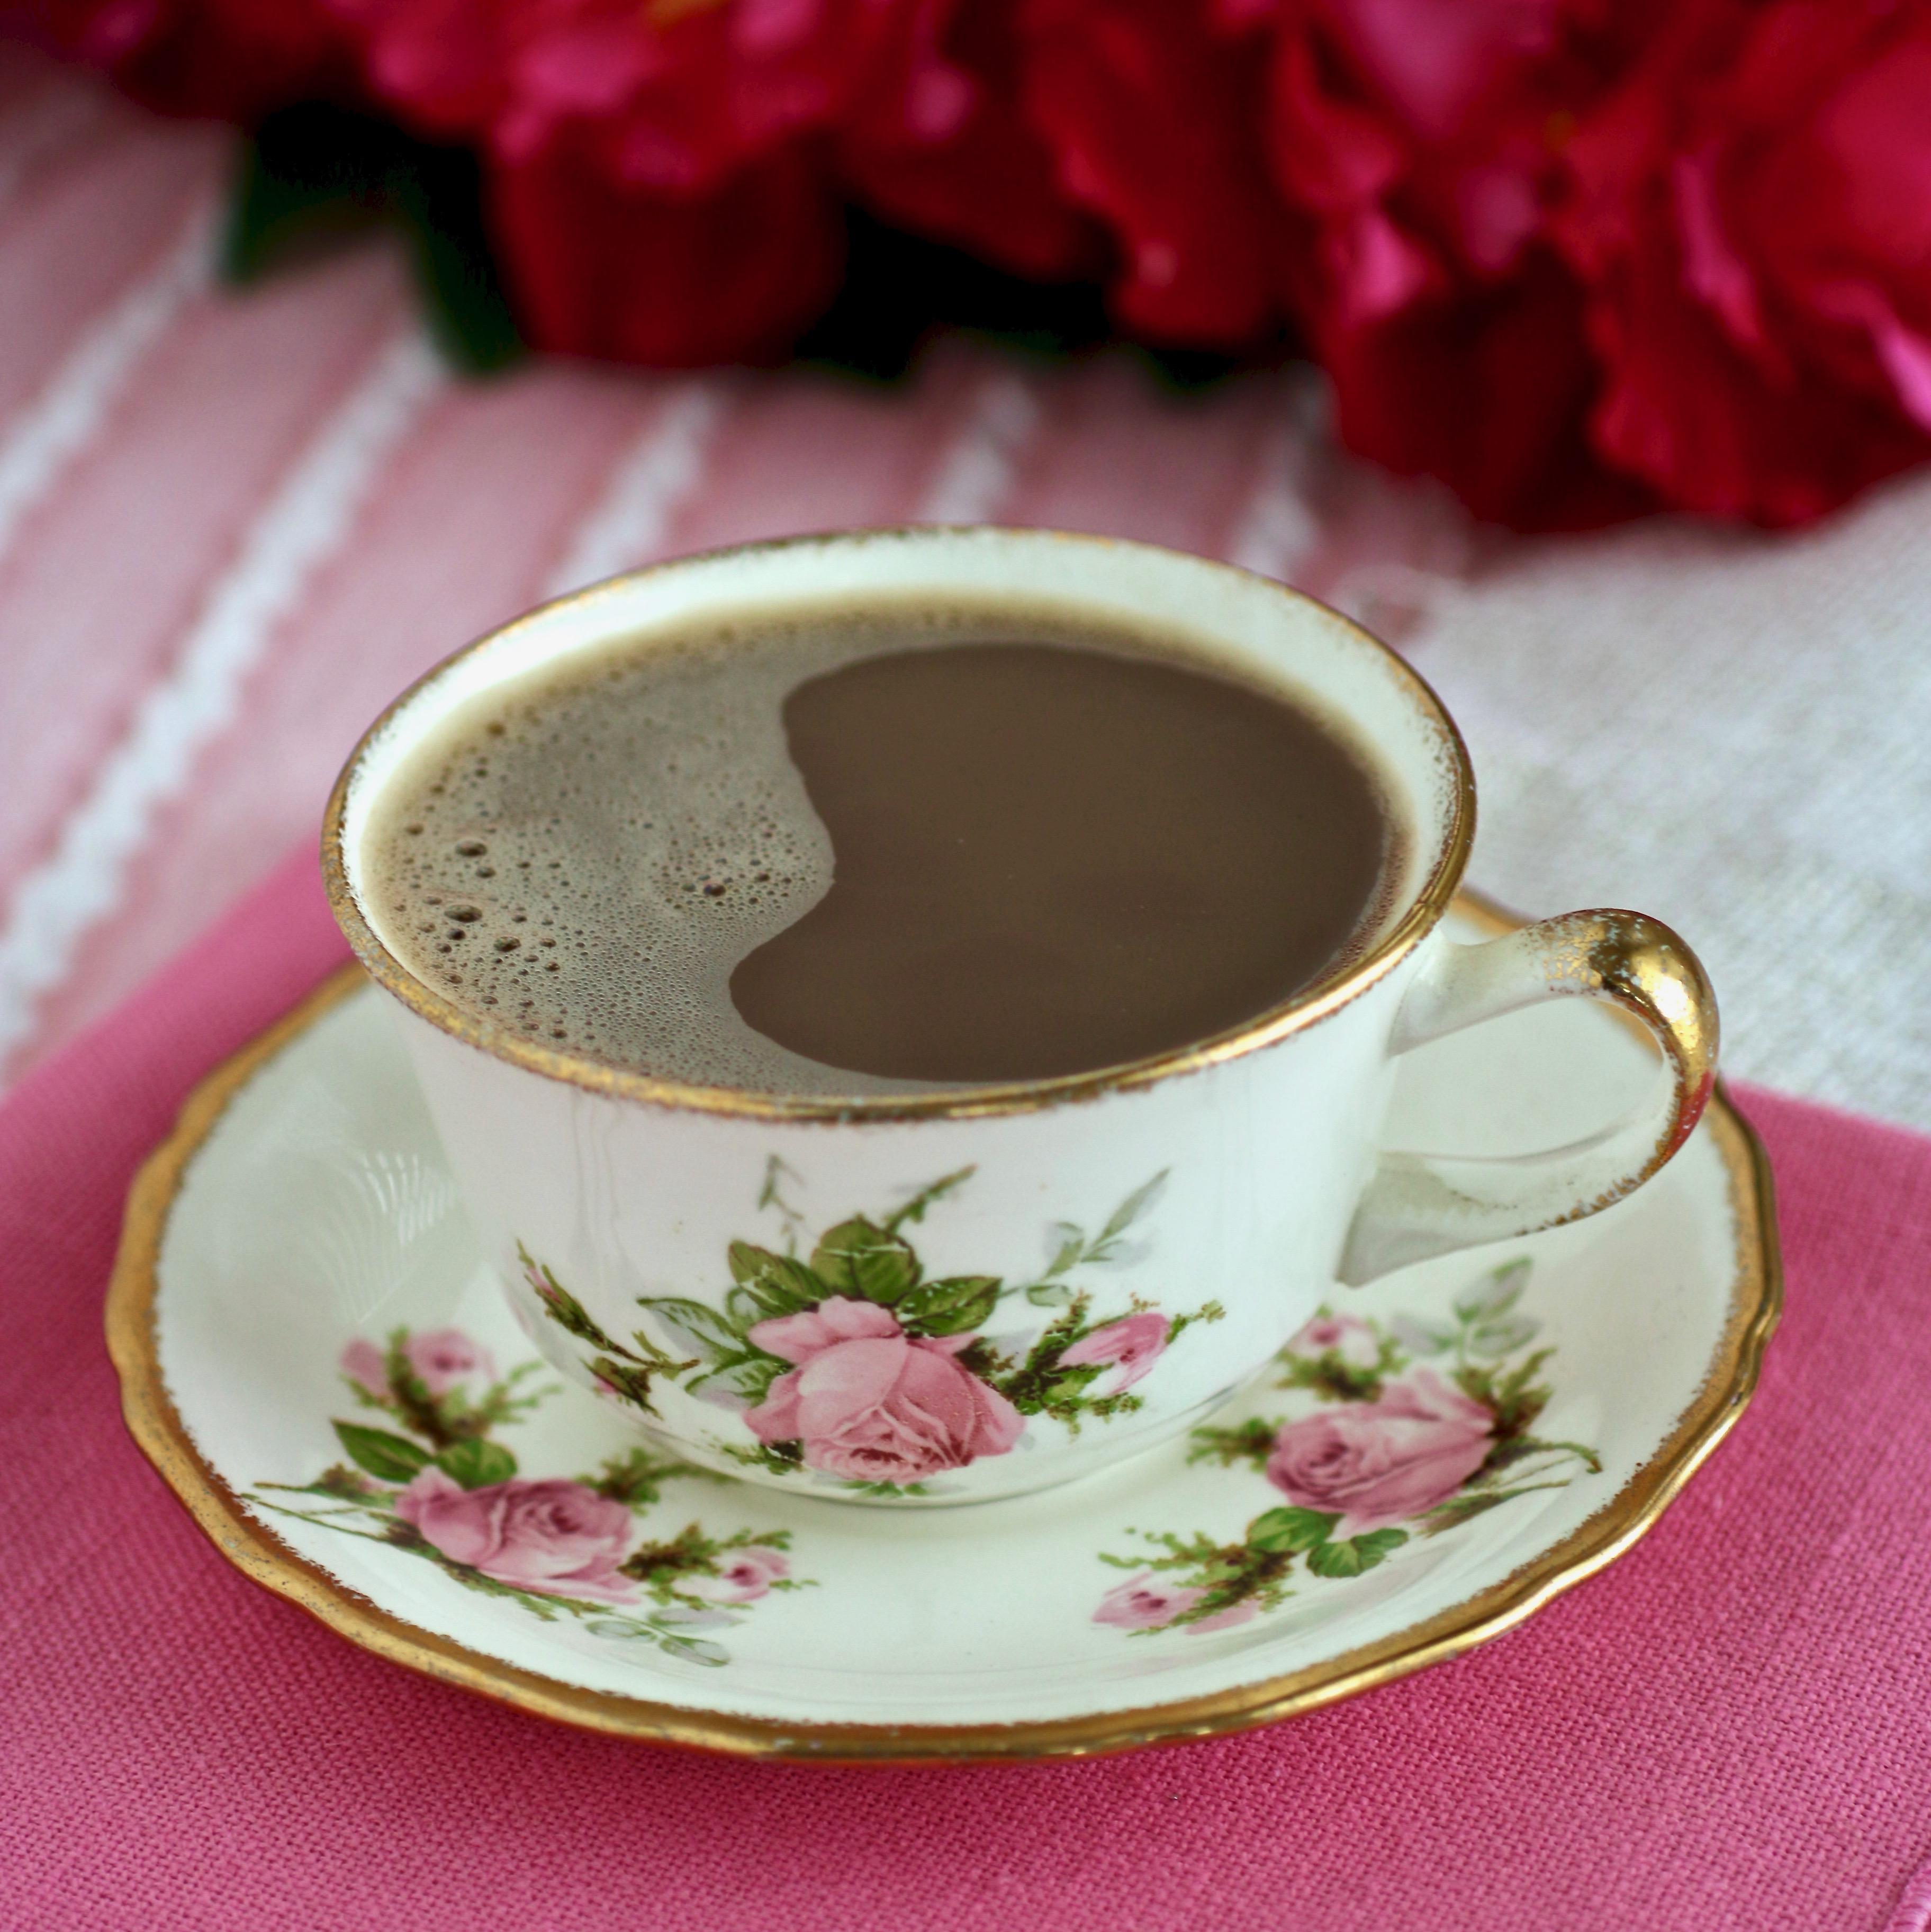 Mocha Coffee image